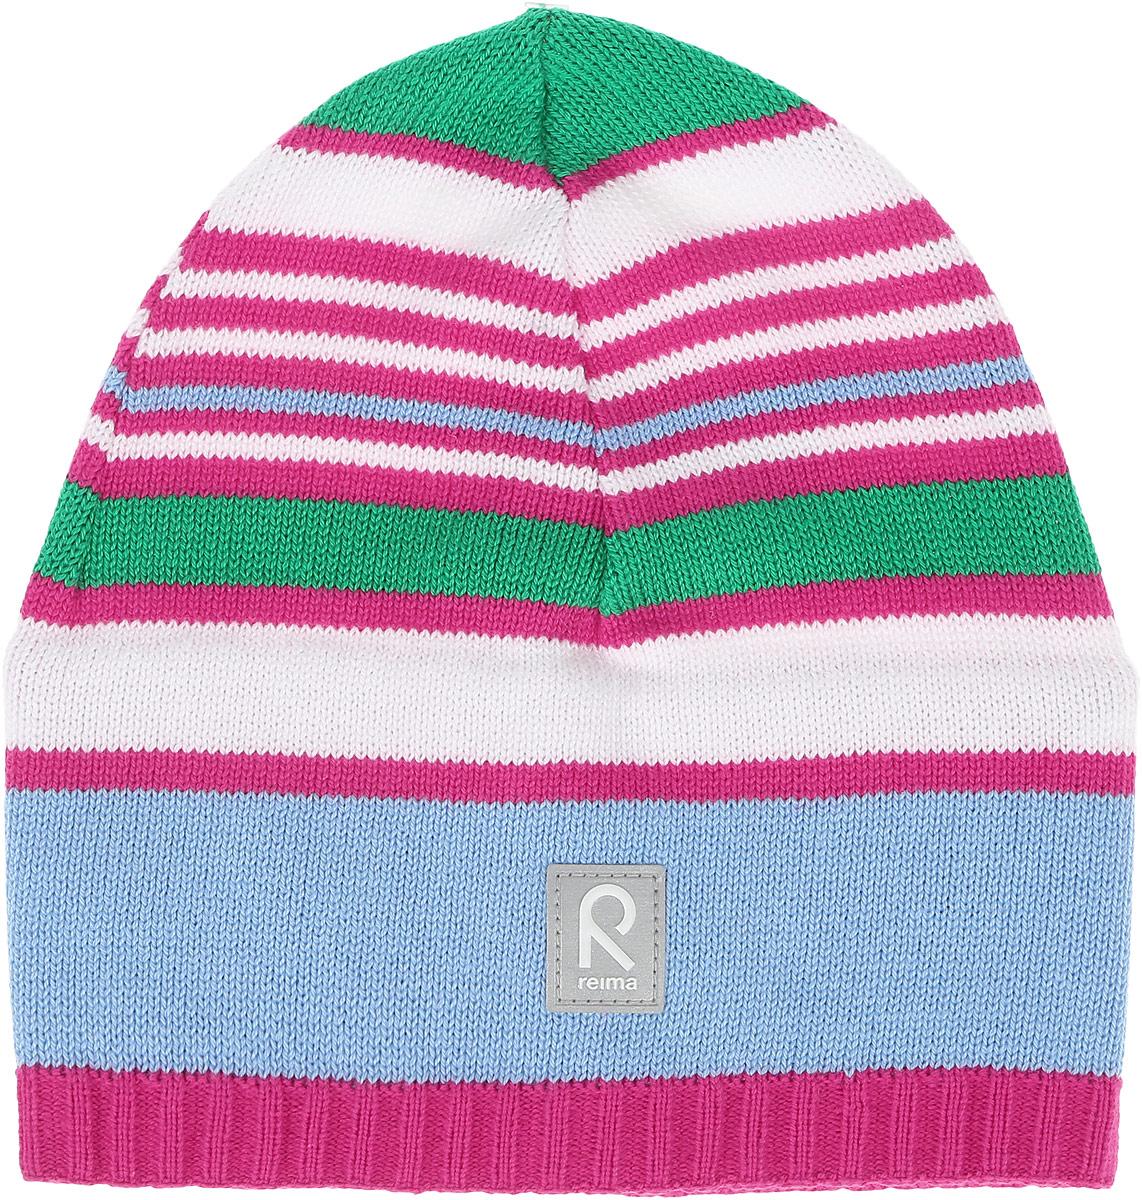 Шапка детская Reima Datoline, цвет: розовый, голубой, белый. 528510462A. Размер 56528510462AУдобная трикотажная шапка из хлопка подойдет на все случаи жизни. Полуподкладка из хлопчатобумажного трикотажа гарантирует тепло, а ветронепроницаемые вставки между верхним слоем и подкладкой защищают уши. Светоотражающая эмблема спереди позволяет лучше разглядеть ребенка после захода солнца.